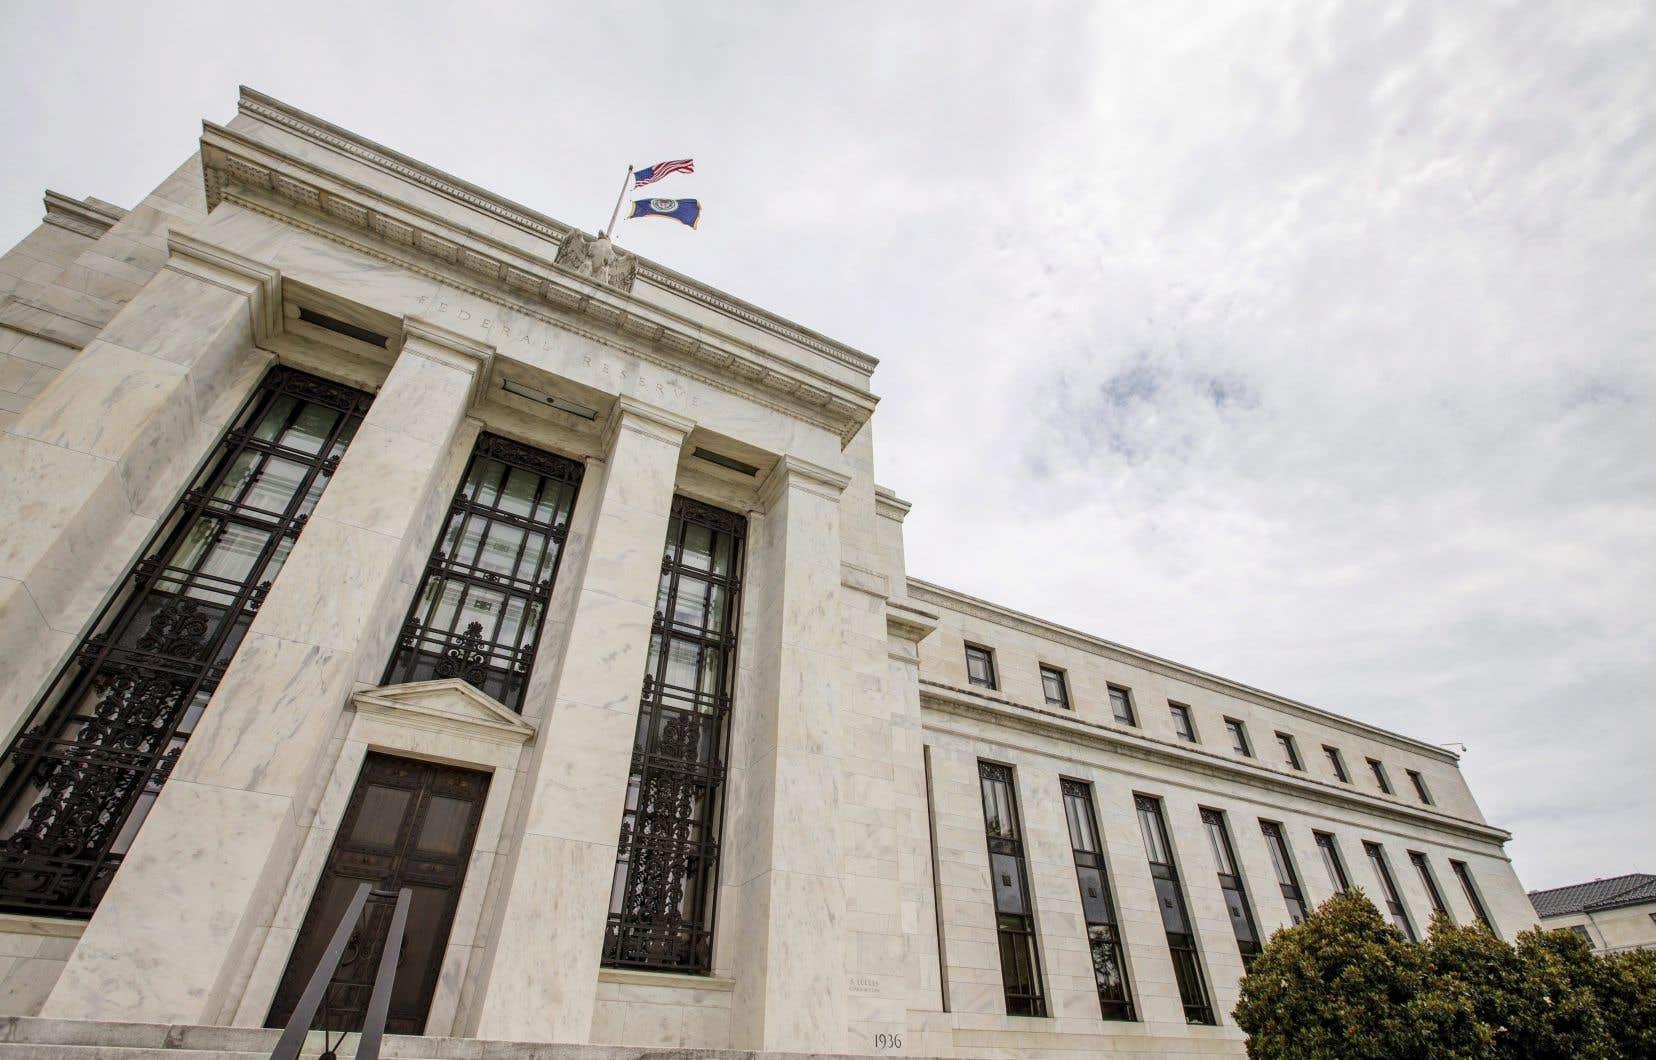 La Fed veut d'abord voir de ses propres yeux la reprise économique espérée aux États-Unis avant de seulement envisager de changer quoi que ce soit à sa politique monétaire ultra-accommodante.